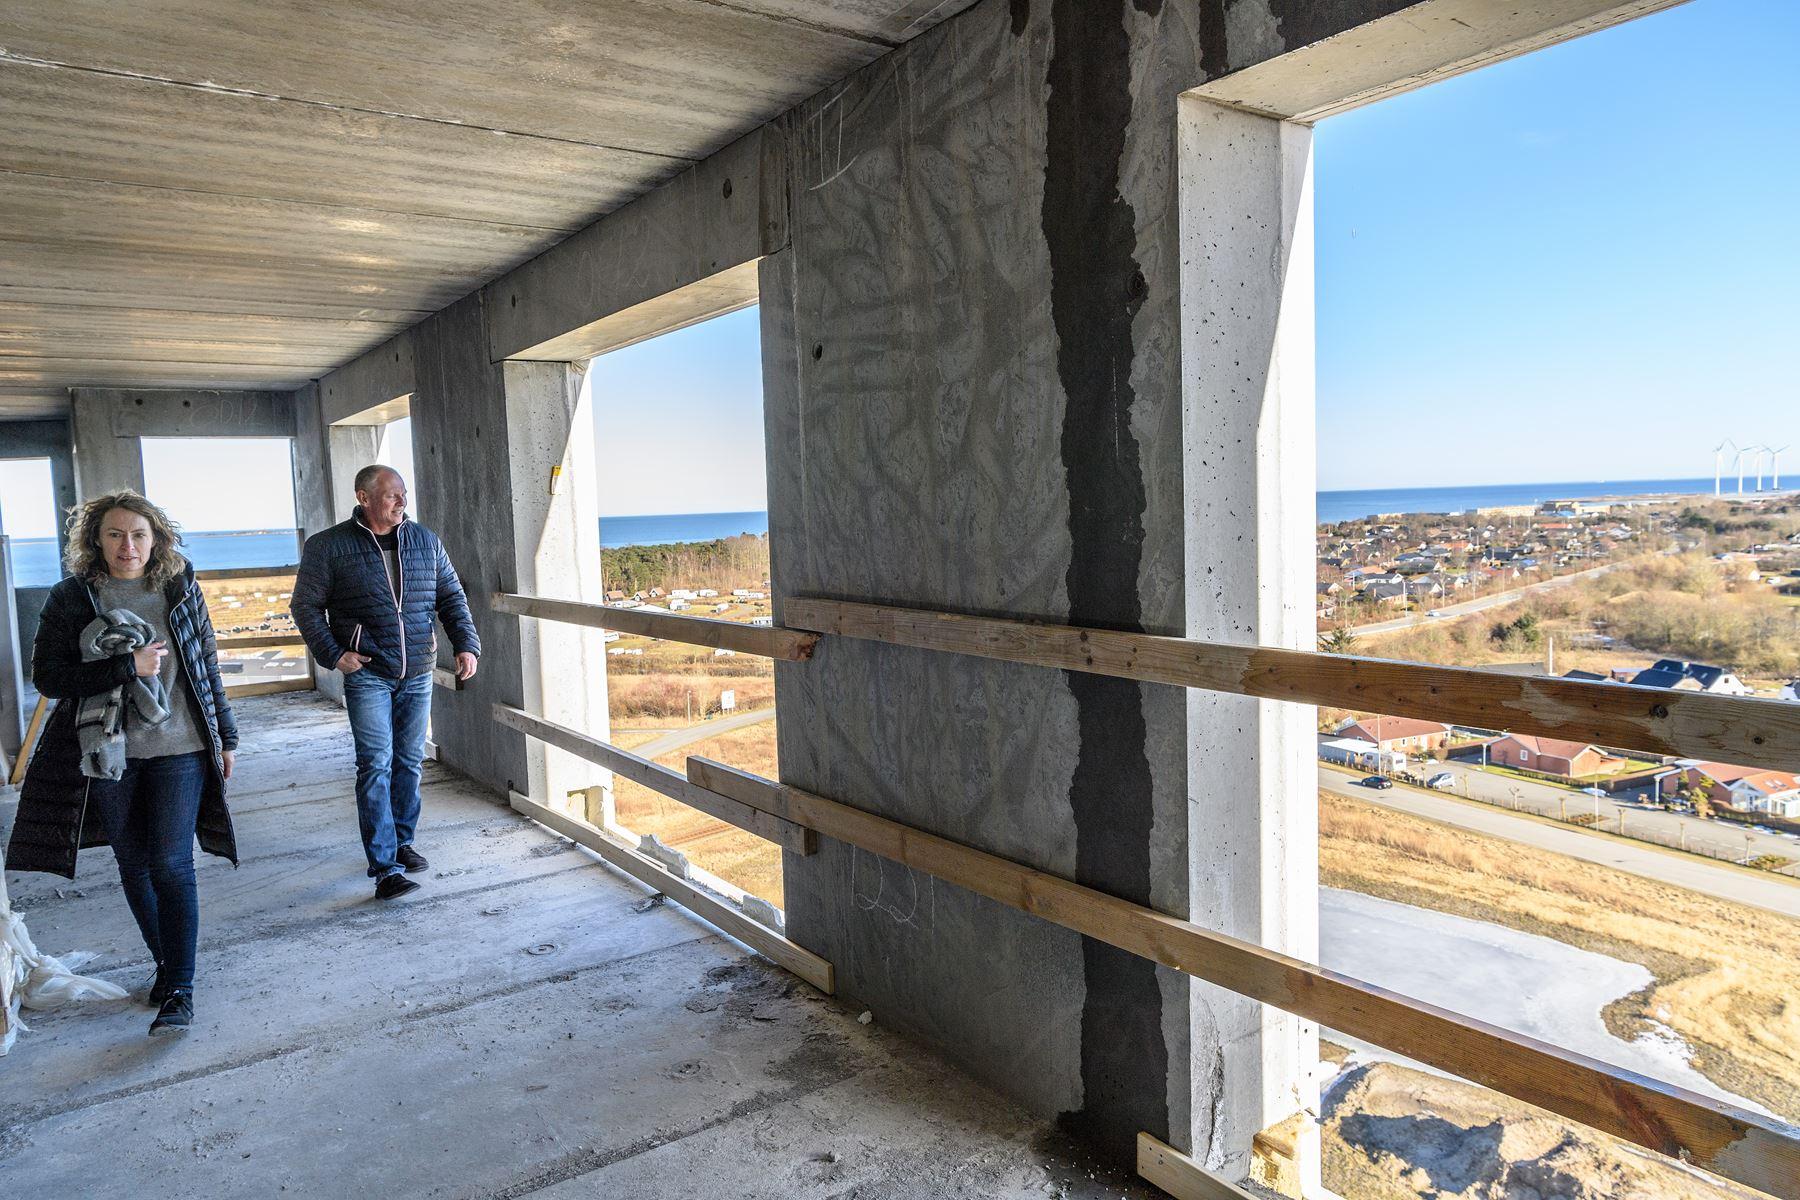 Åbent Hus i SeaTower tiltrak massive mængder af interesserede frederikshavnere